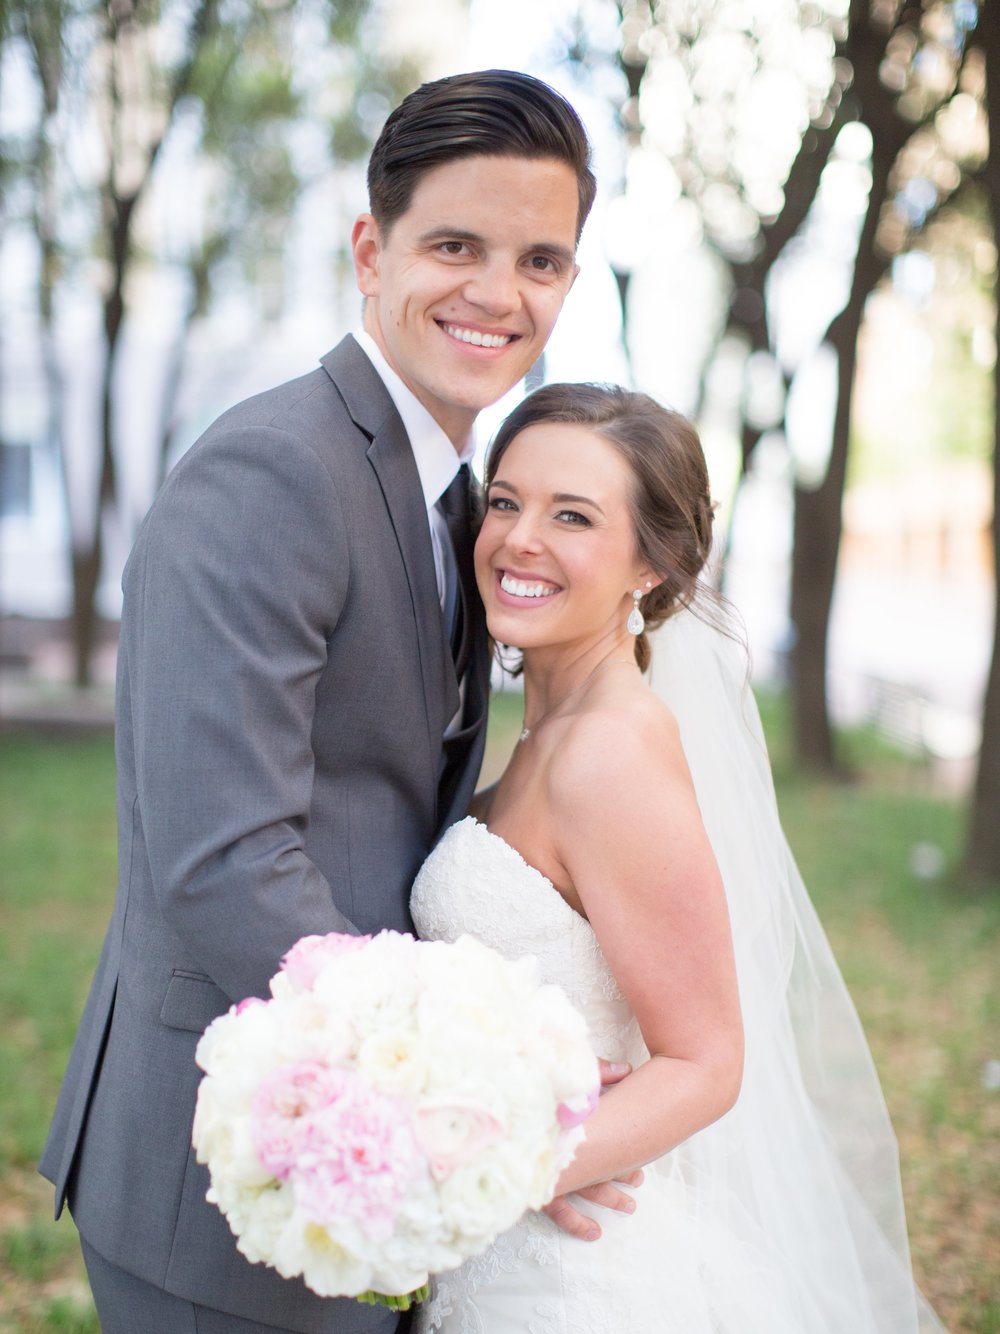 Aaron & Kaylee Quihuis -